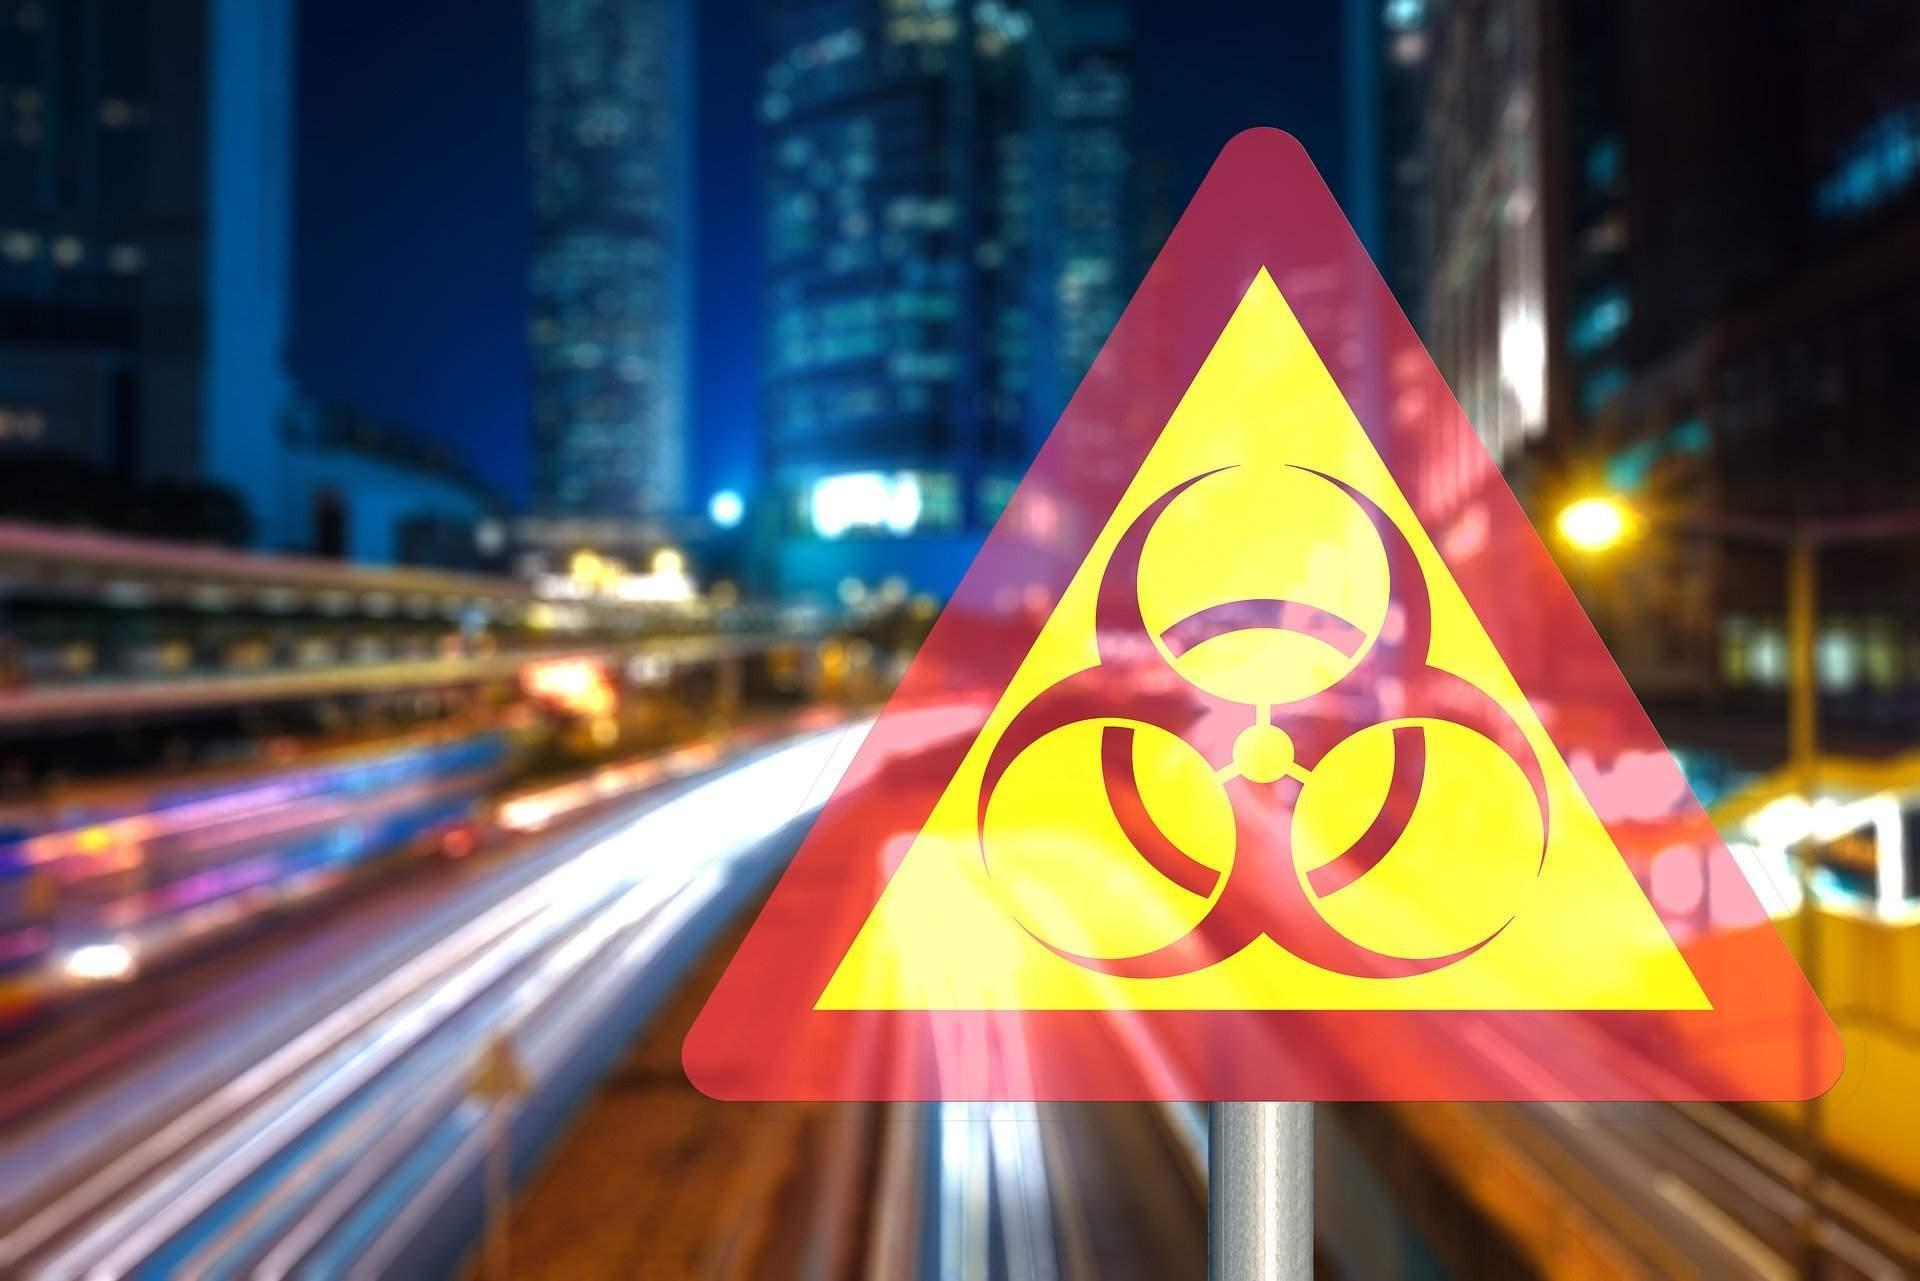 Svět se pokouší zastavit koronavirus různými způsoby. Autor Pixabay